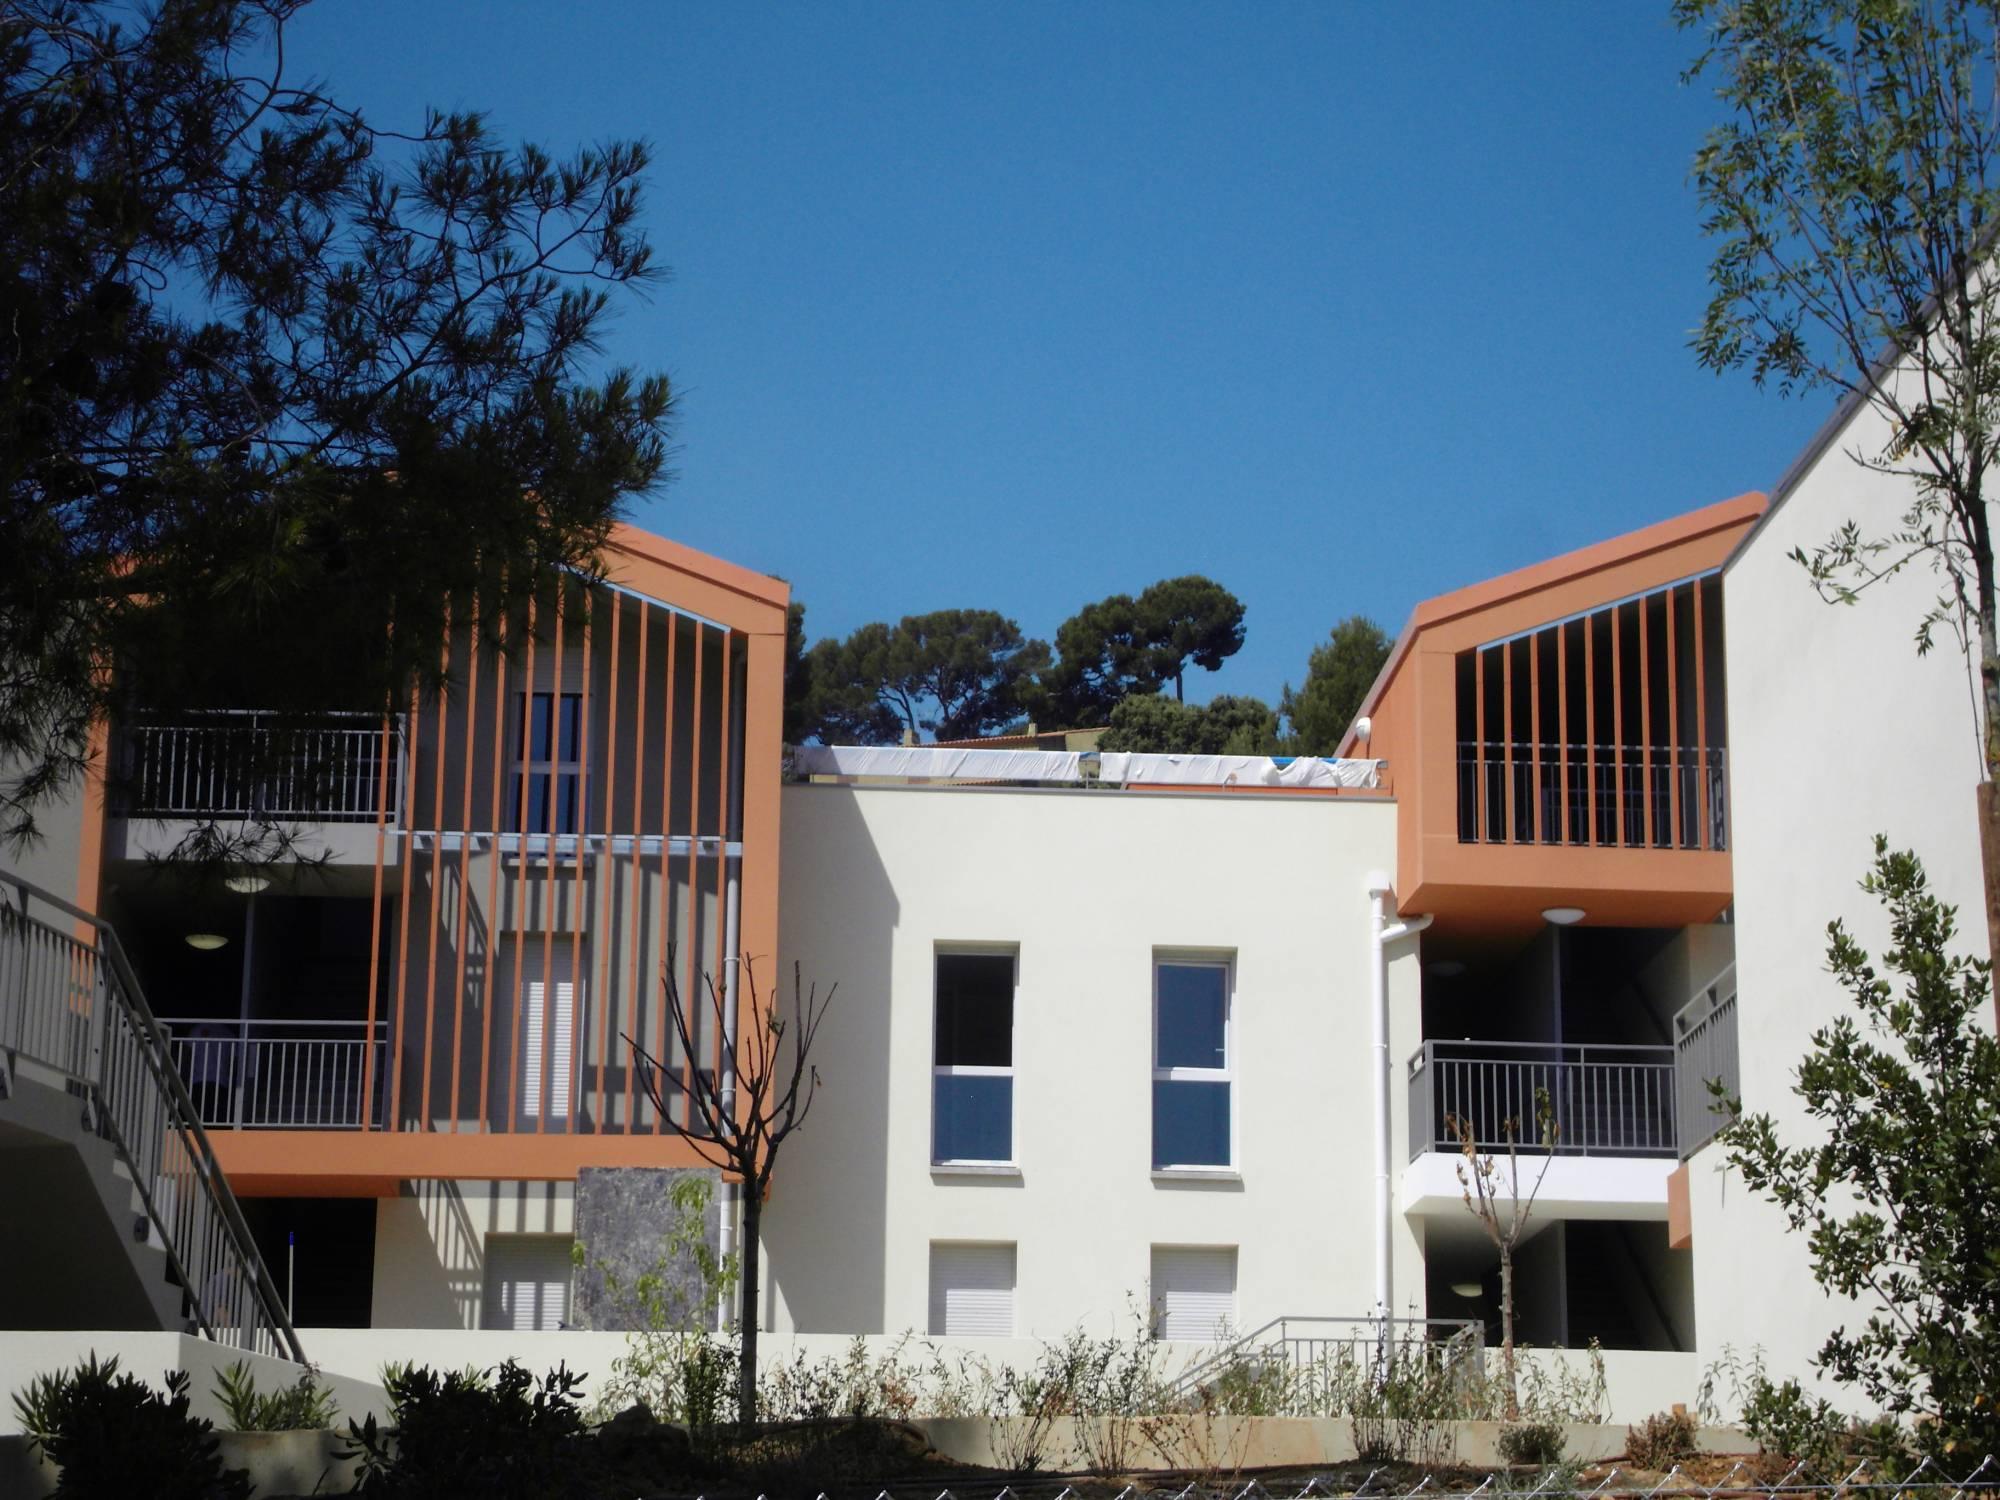 Maison Avec Piscine Et Jardin À Louer Saint Cyr Sur Mer ... intérieur Piscine Bonneveine